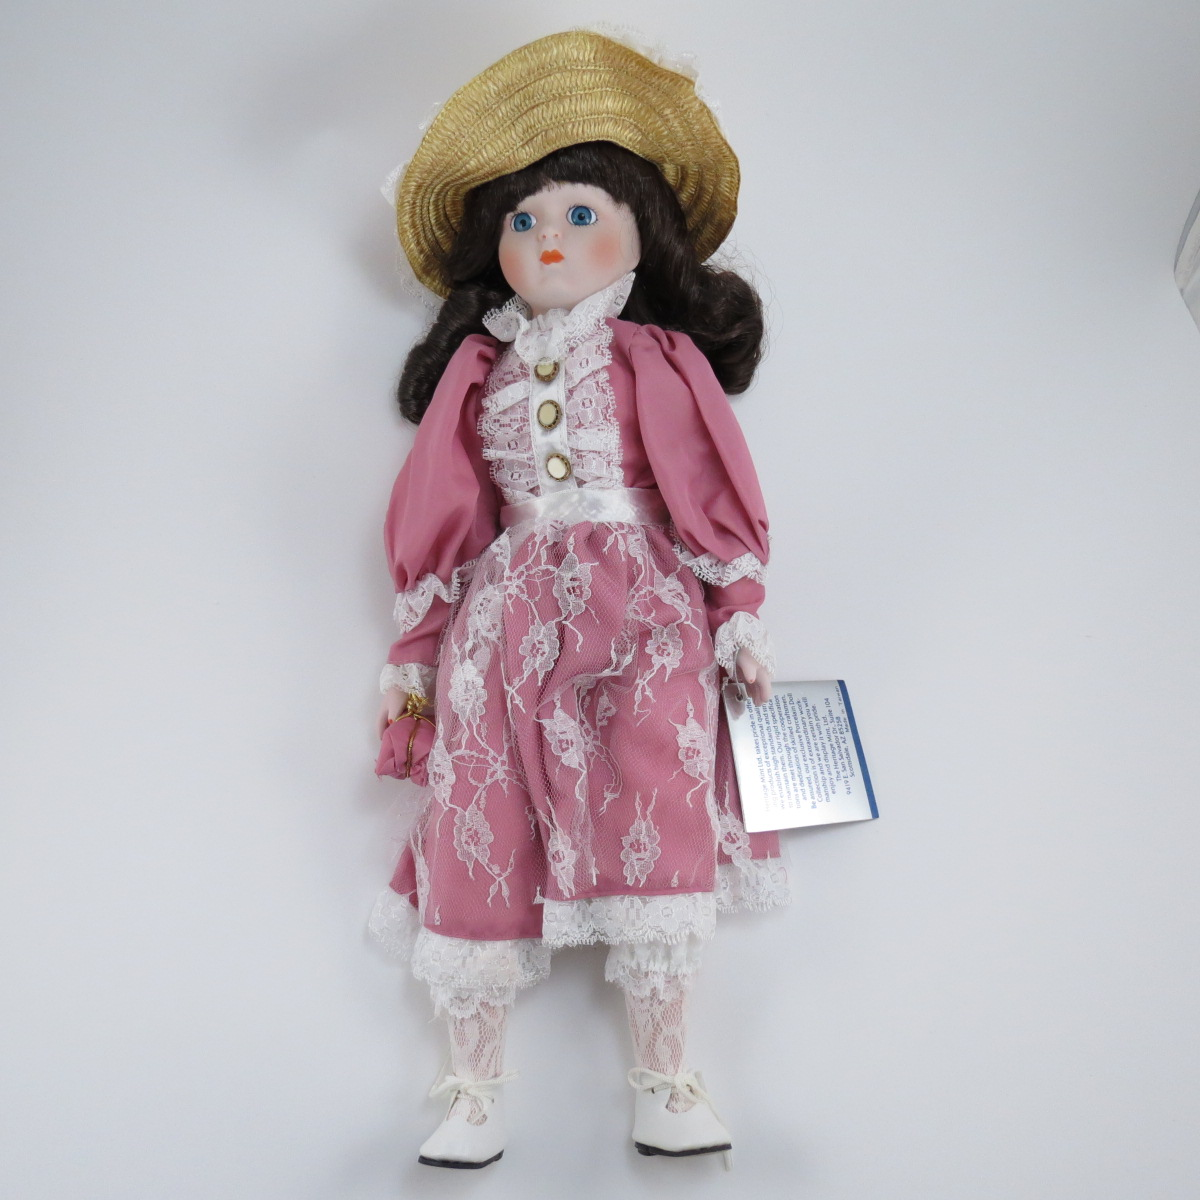 Декоративная коллекционная кукла Наследие Американских Фарфоровых Кукол: Сюзетта. Фарфор, ручная работа. США, Heritage Mint. 1989 куклы и одежда для кукол madame alexander кукла фэнси нэнси русалочка 20 см